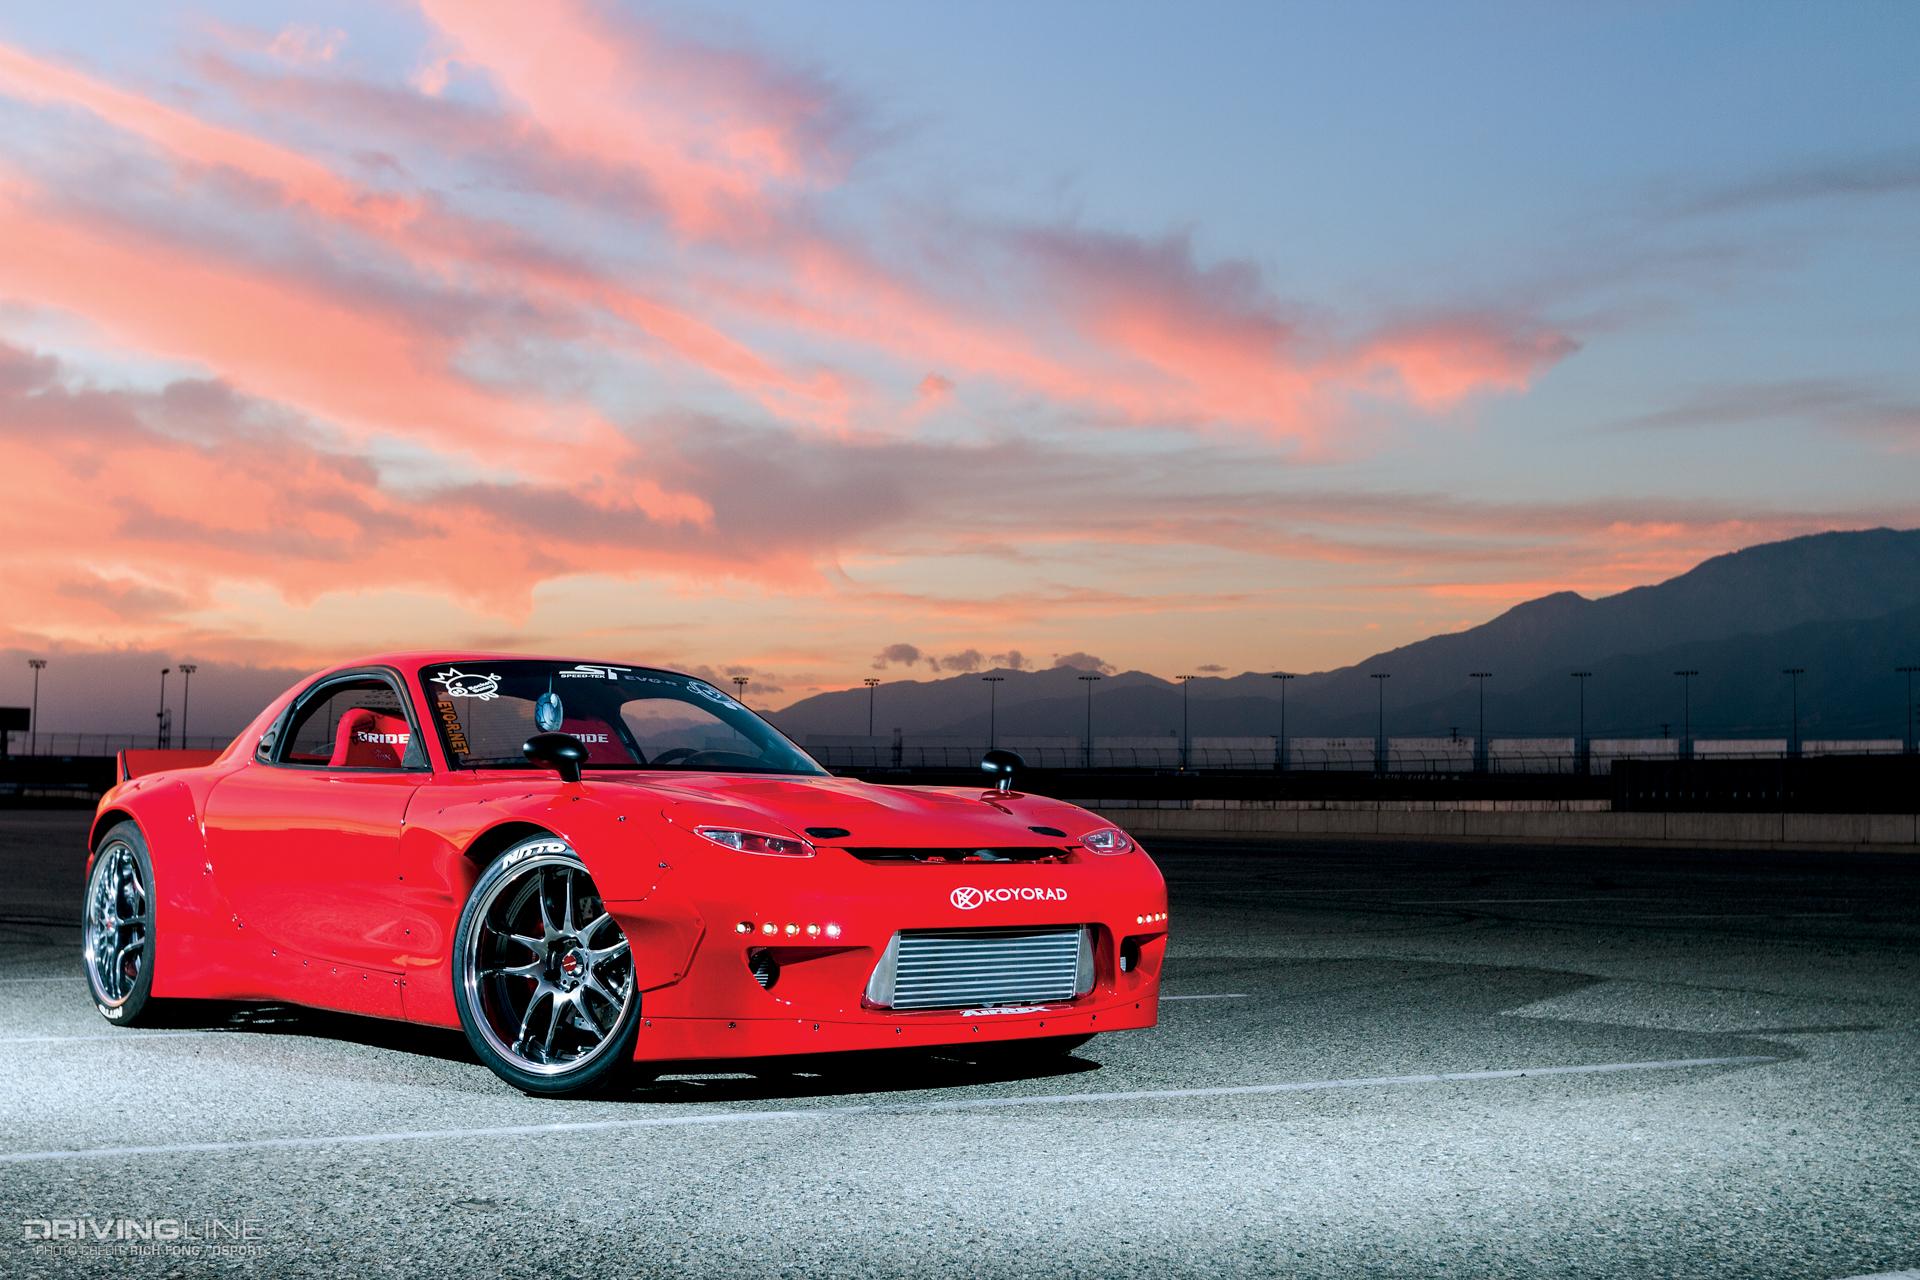 Scion Tc Turbo >> RX-7 Rebirth | DrivingLine